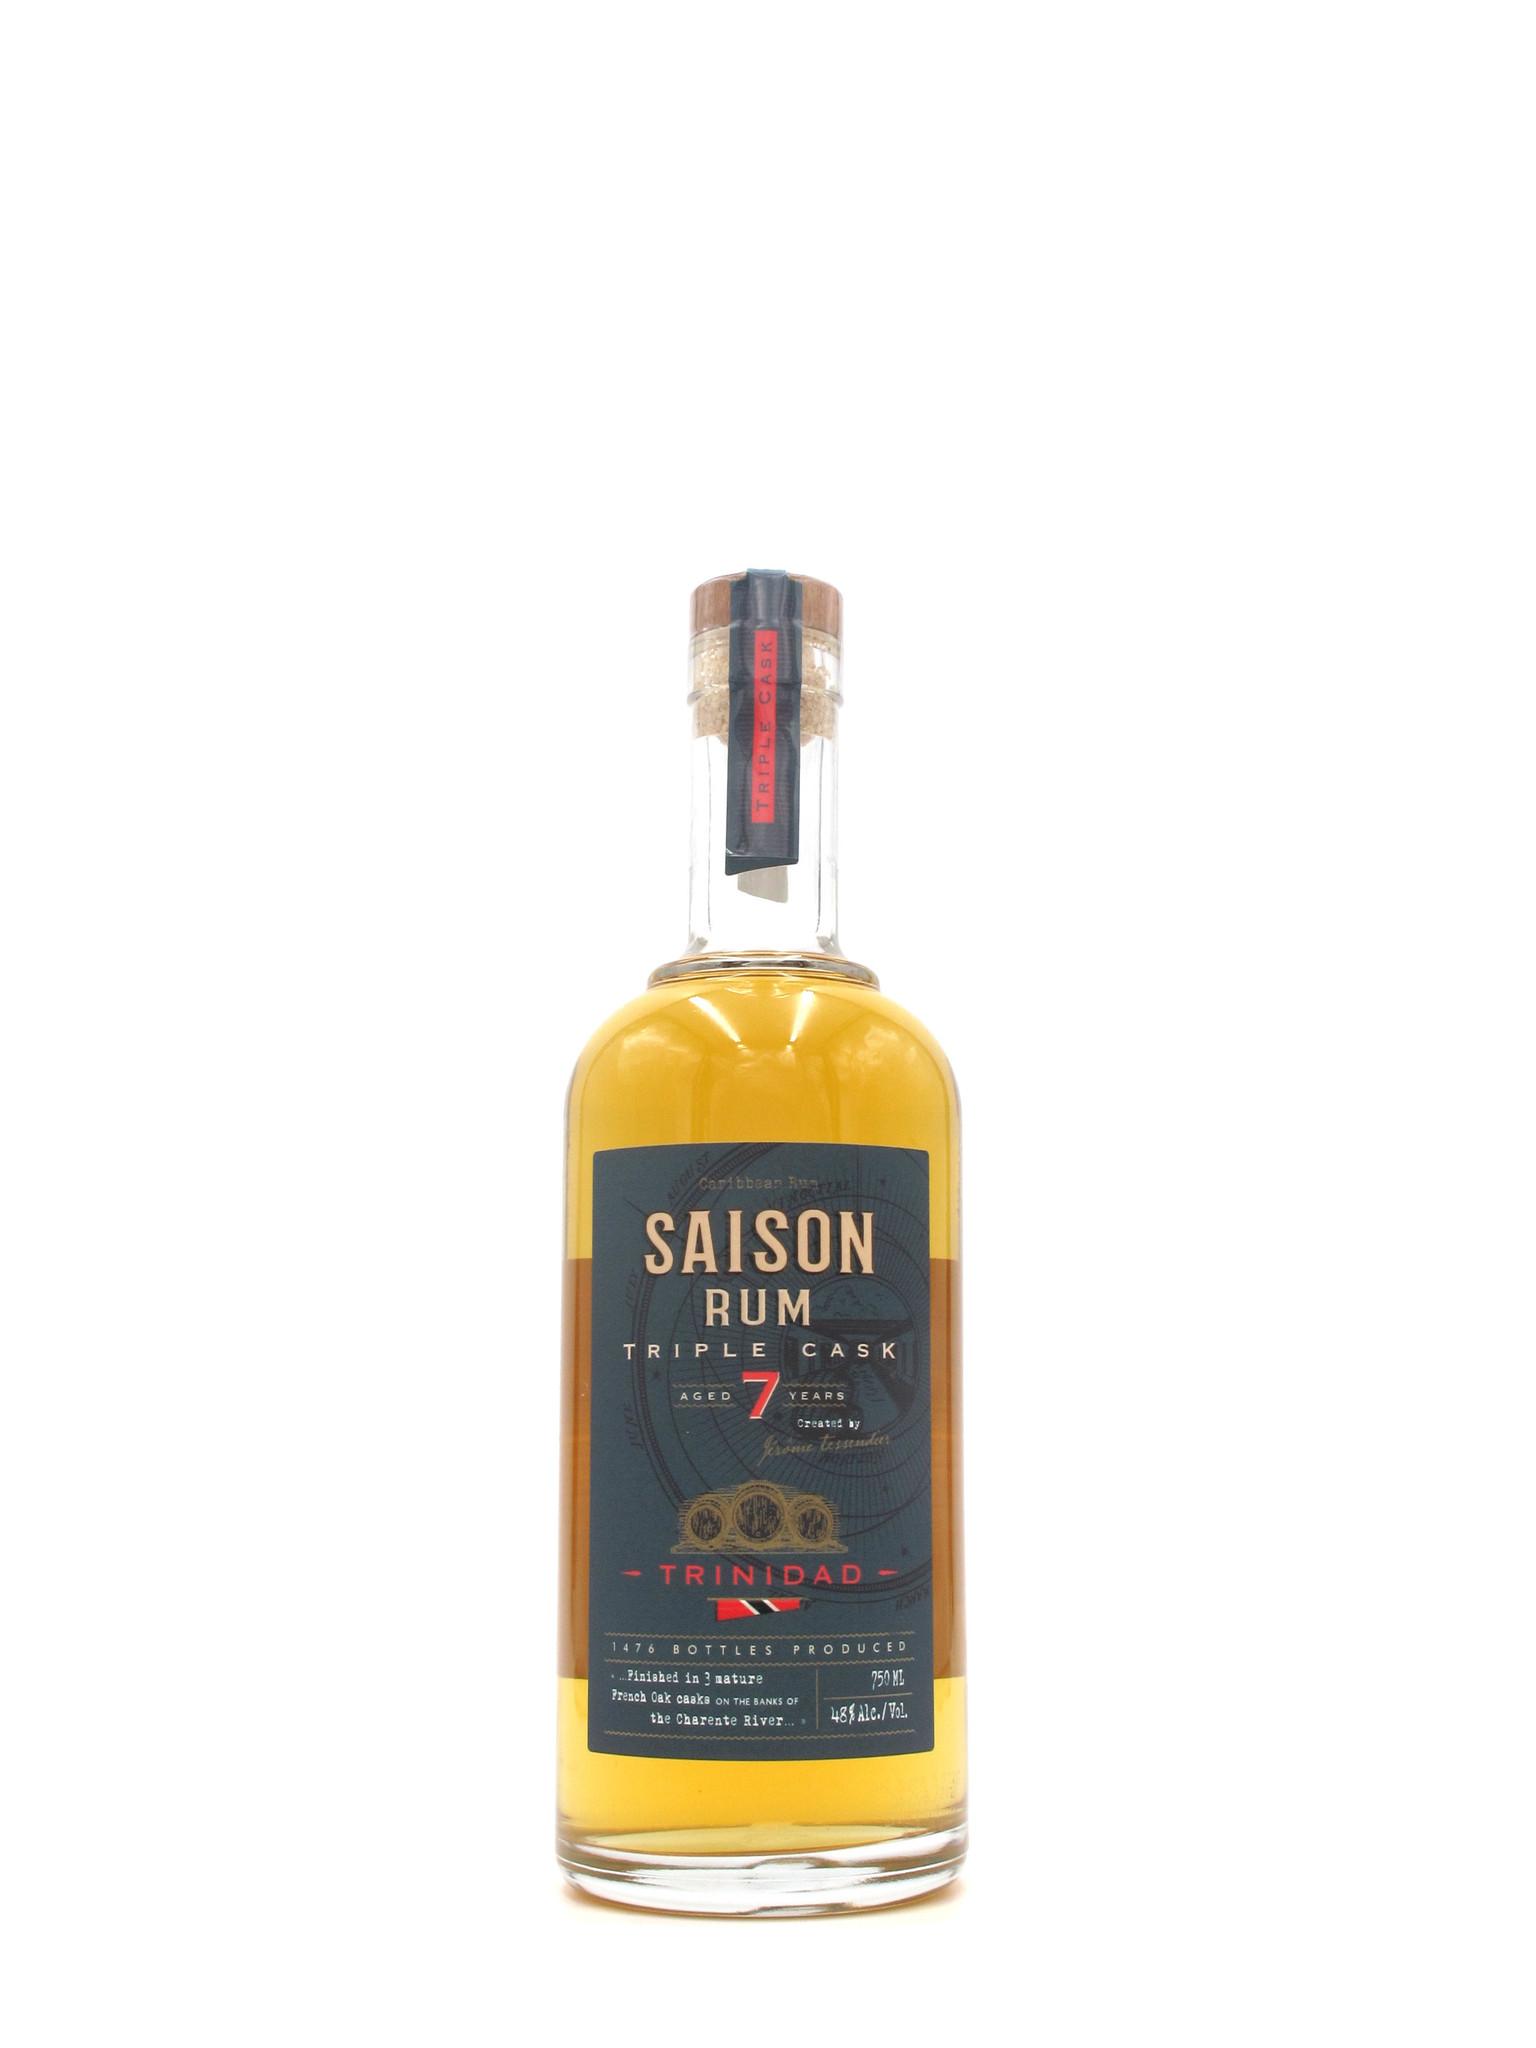 Saison Rum Saison Rum Triple Cask 7yr Trinidad 750ml